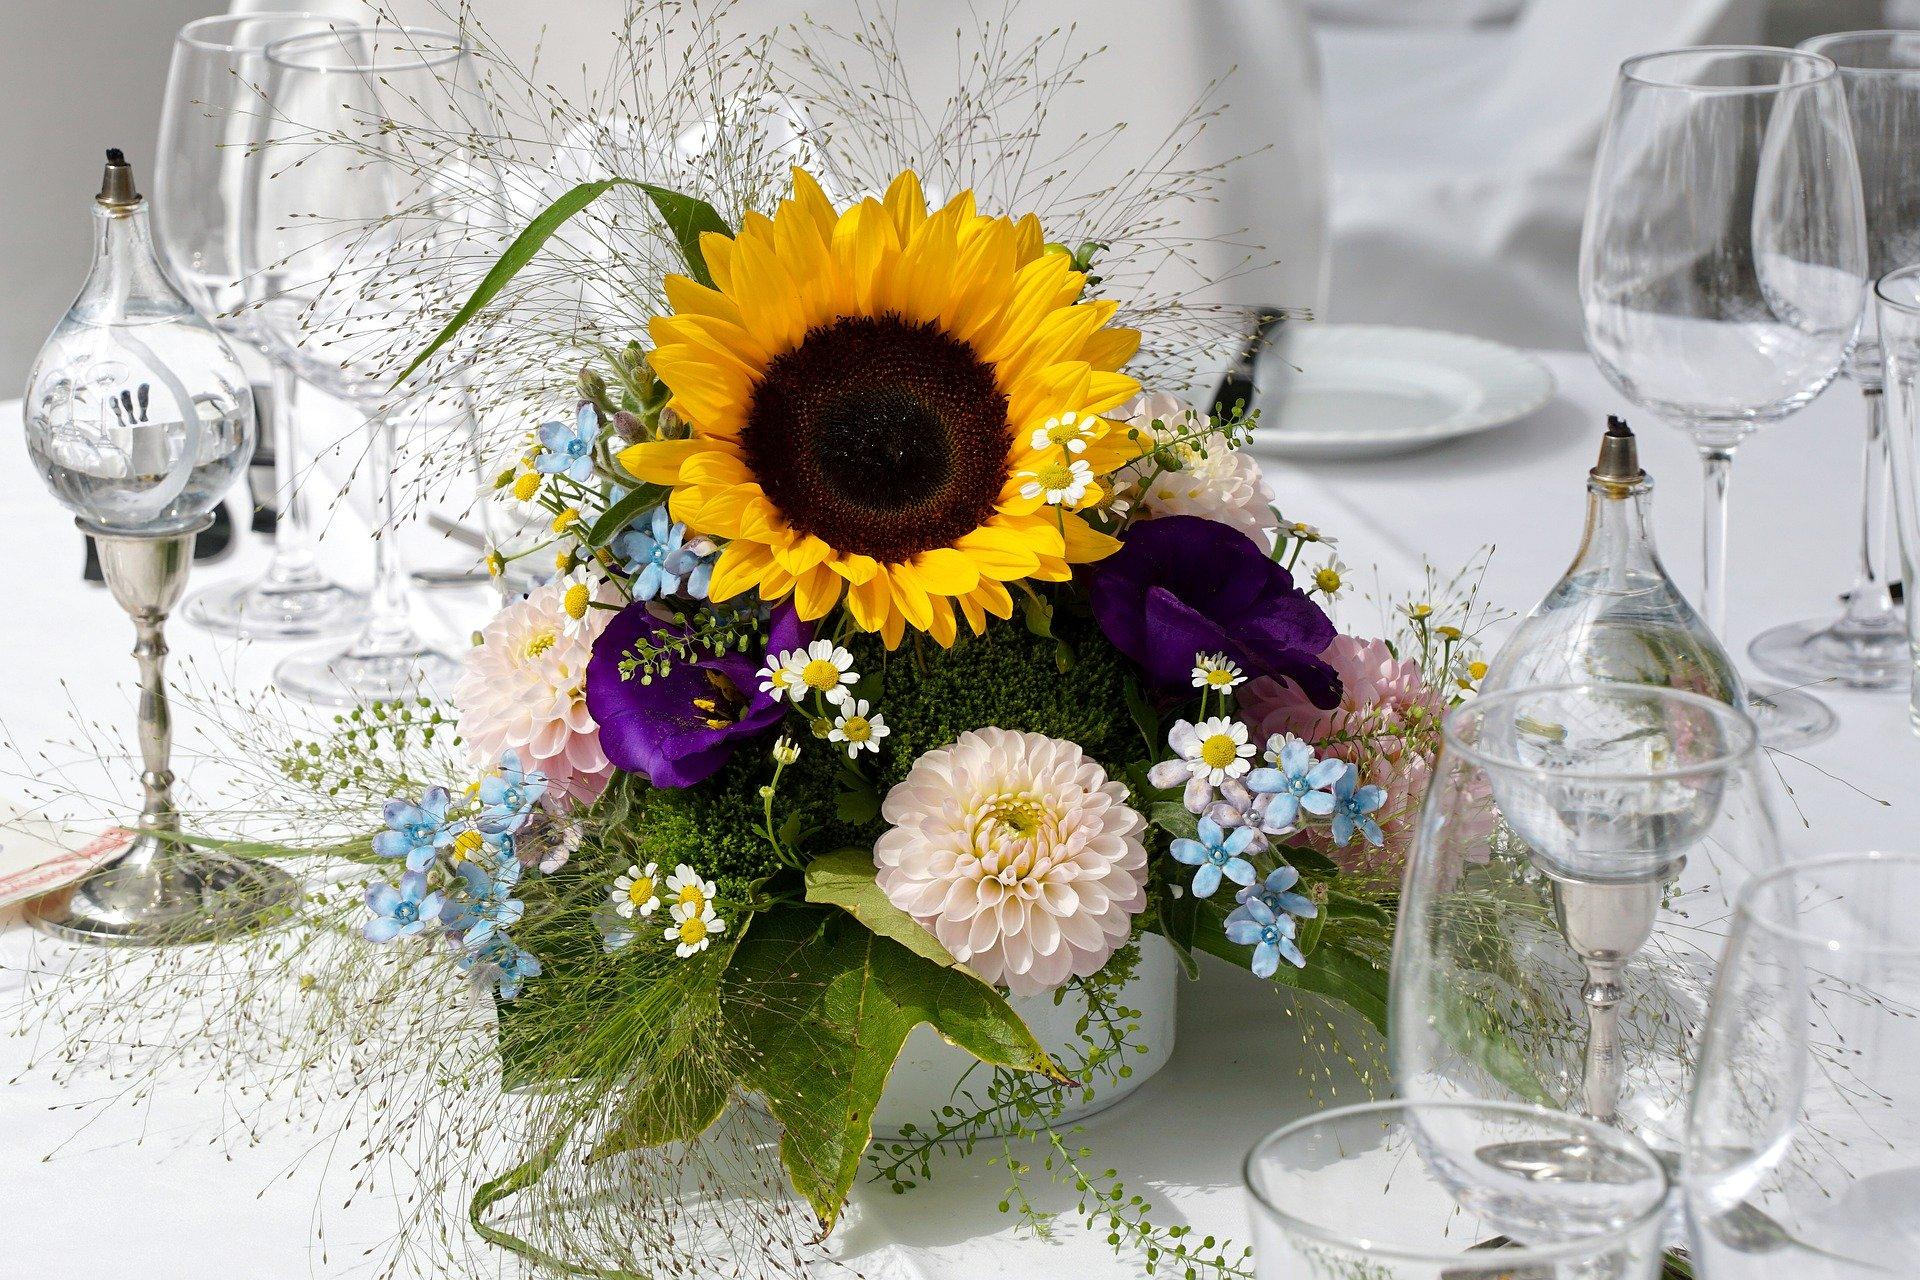 floral-arrangement-4670383_1920